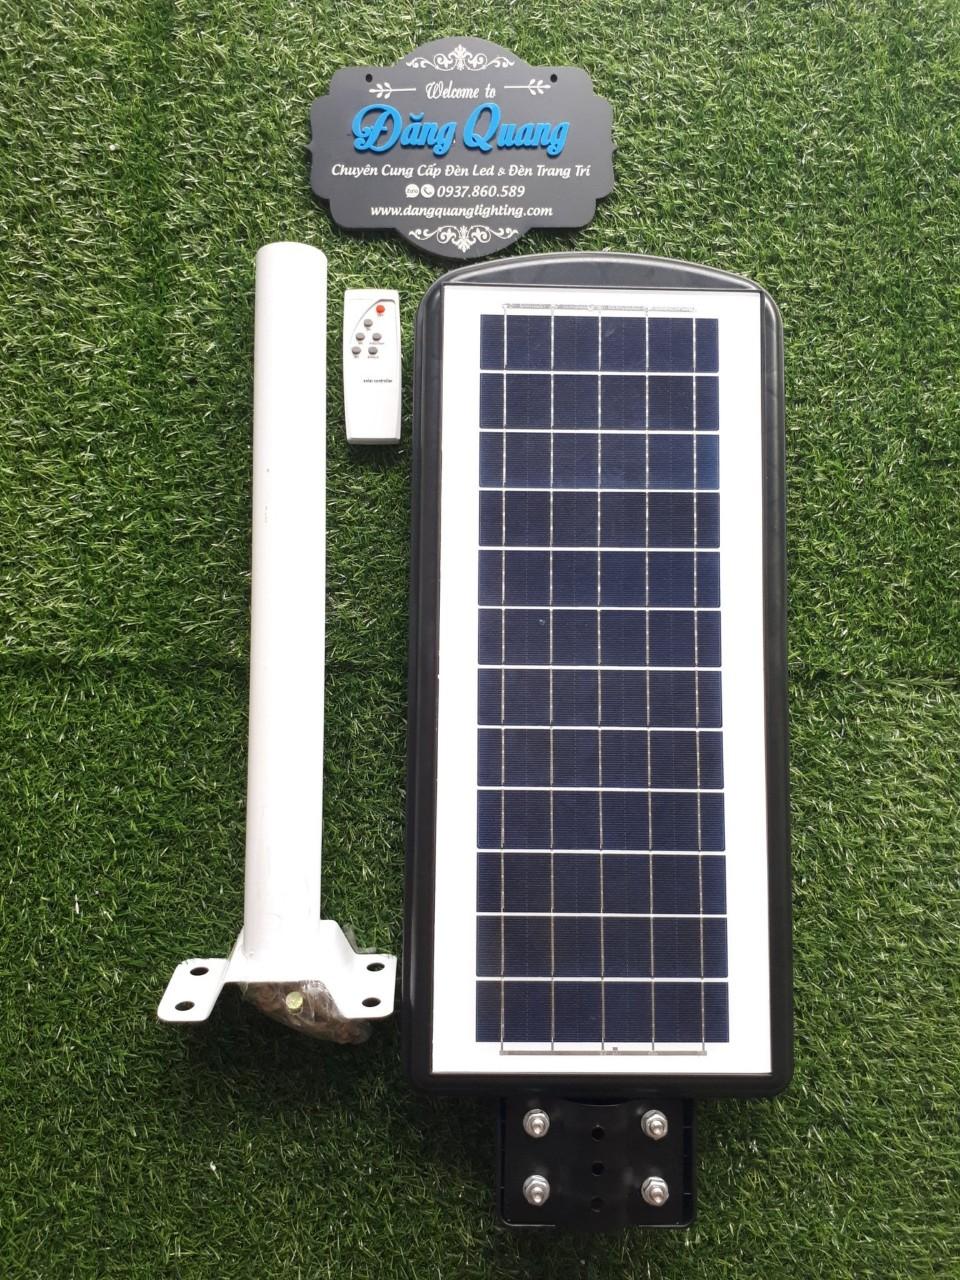 den nang luong mat troi lien the 90W 1 - Đèn năng lượng mặt trời liền thể 90W